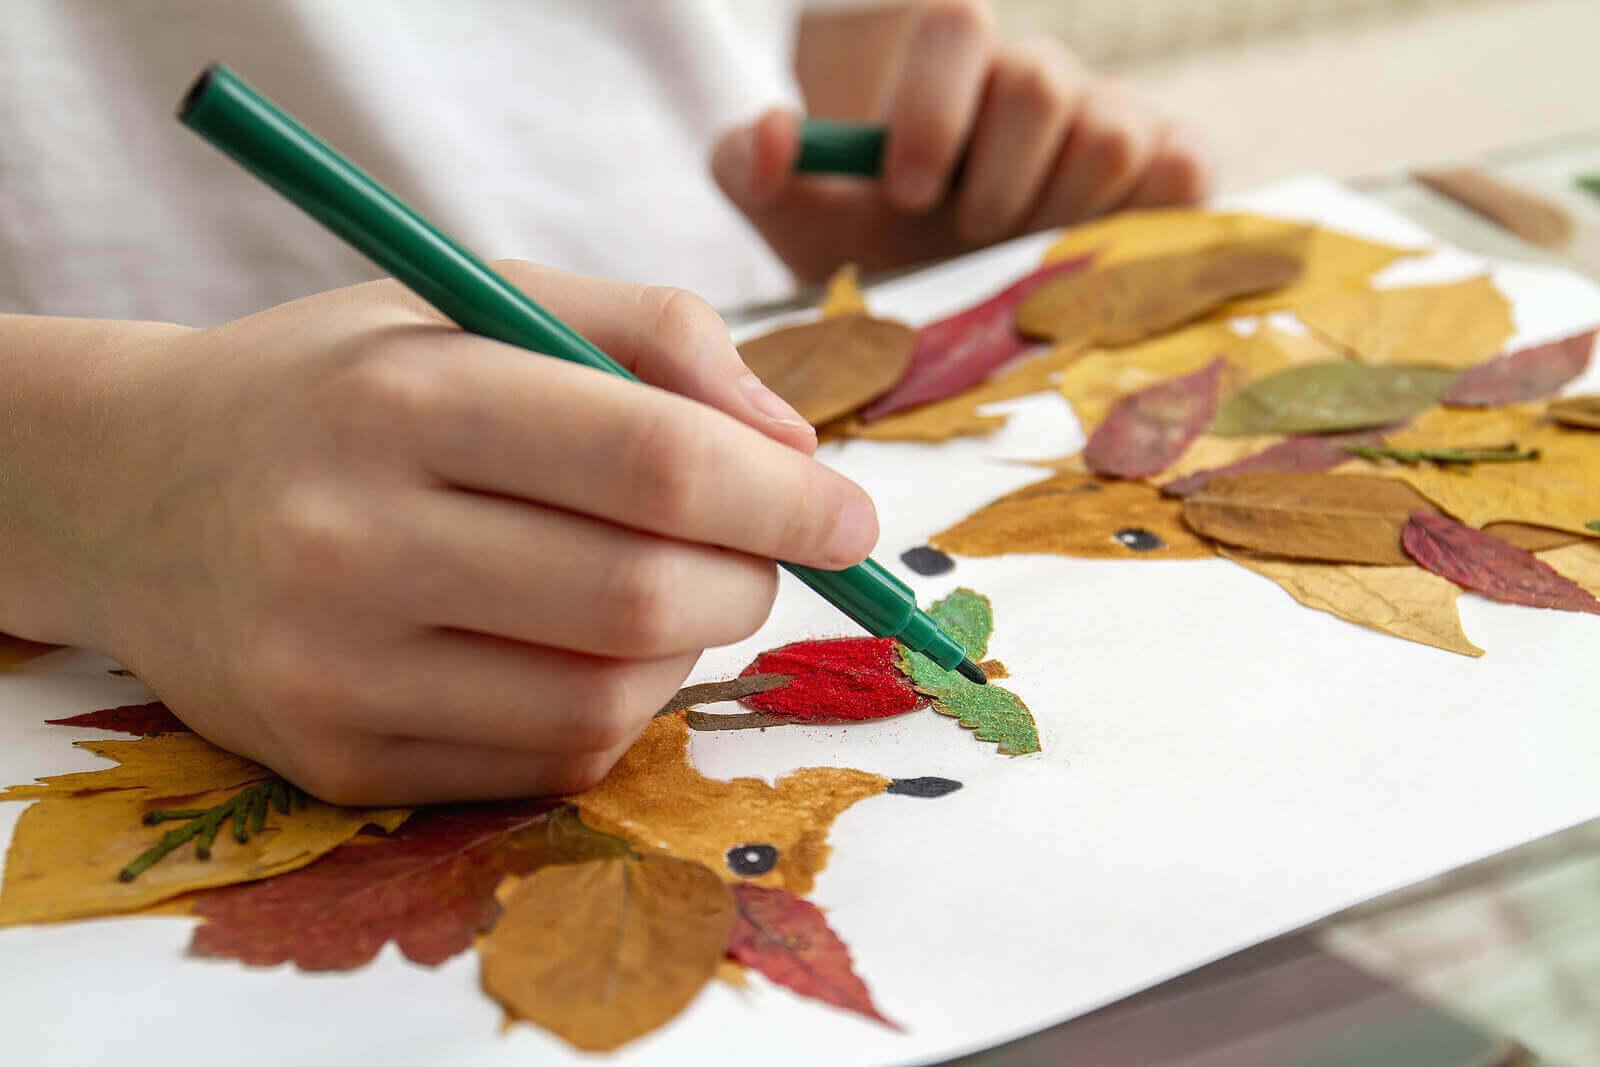 Bitkileri keşfetmek için yaprak boyama